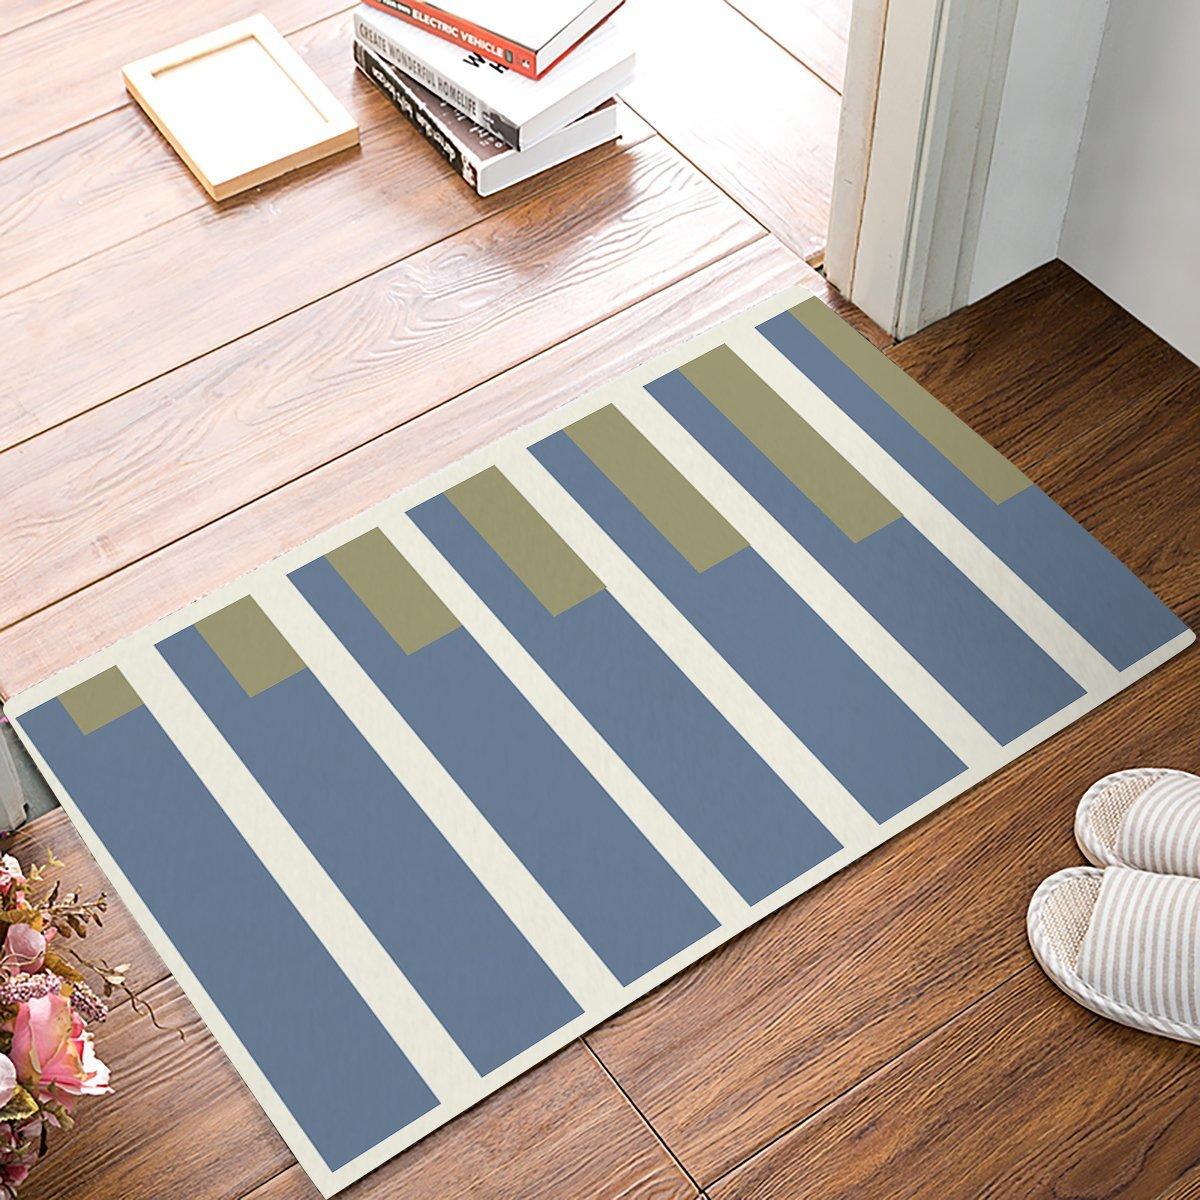 Green, Grey And Light Yellow Color Block Rectangle Door Mats Kitchen Floor Bath Entrance Rug Mat Absorbent Indoor Bathroom